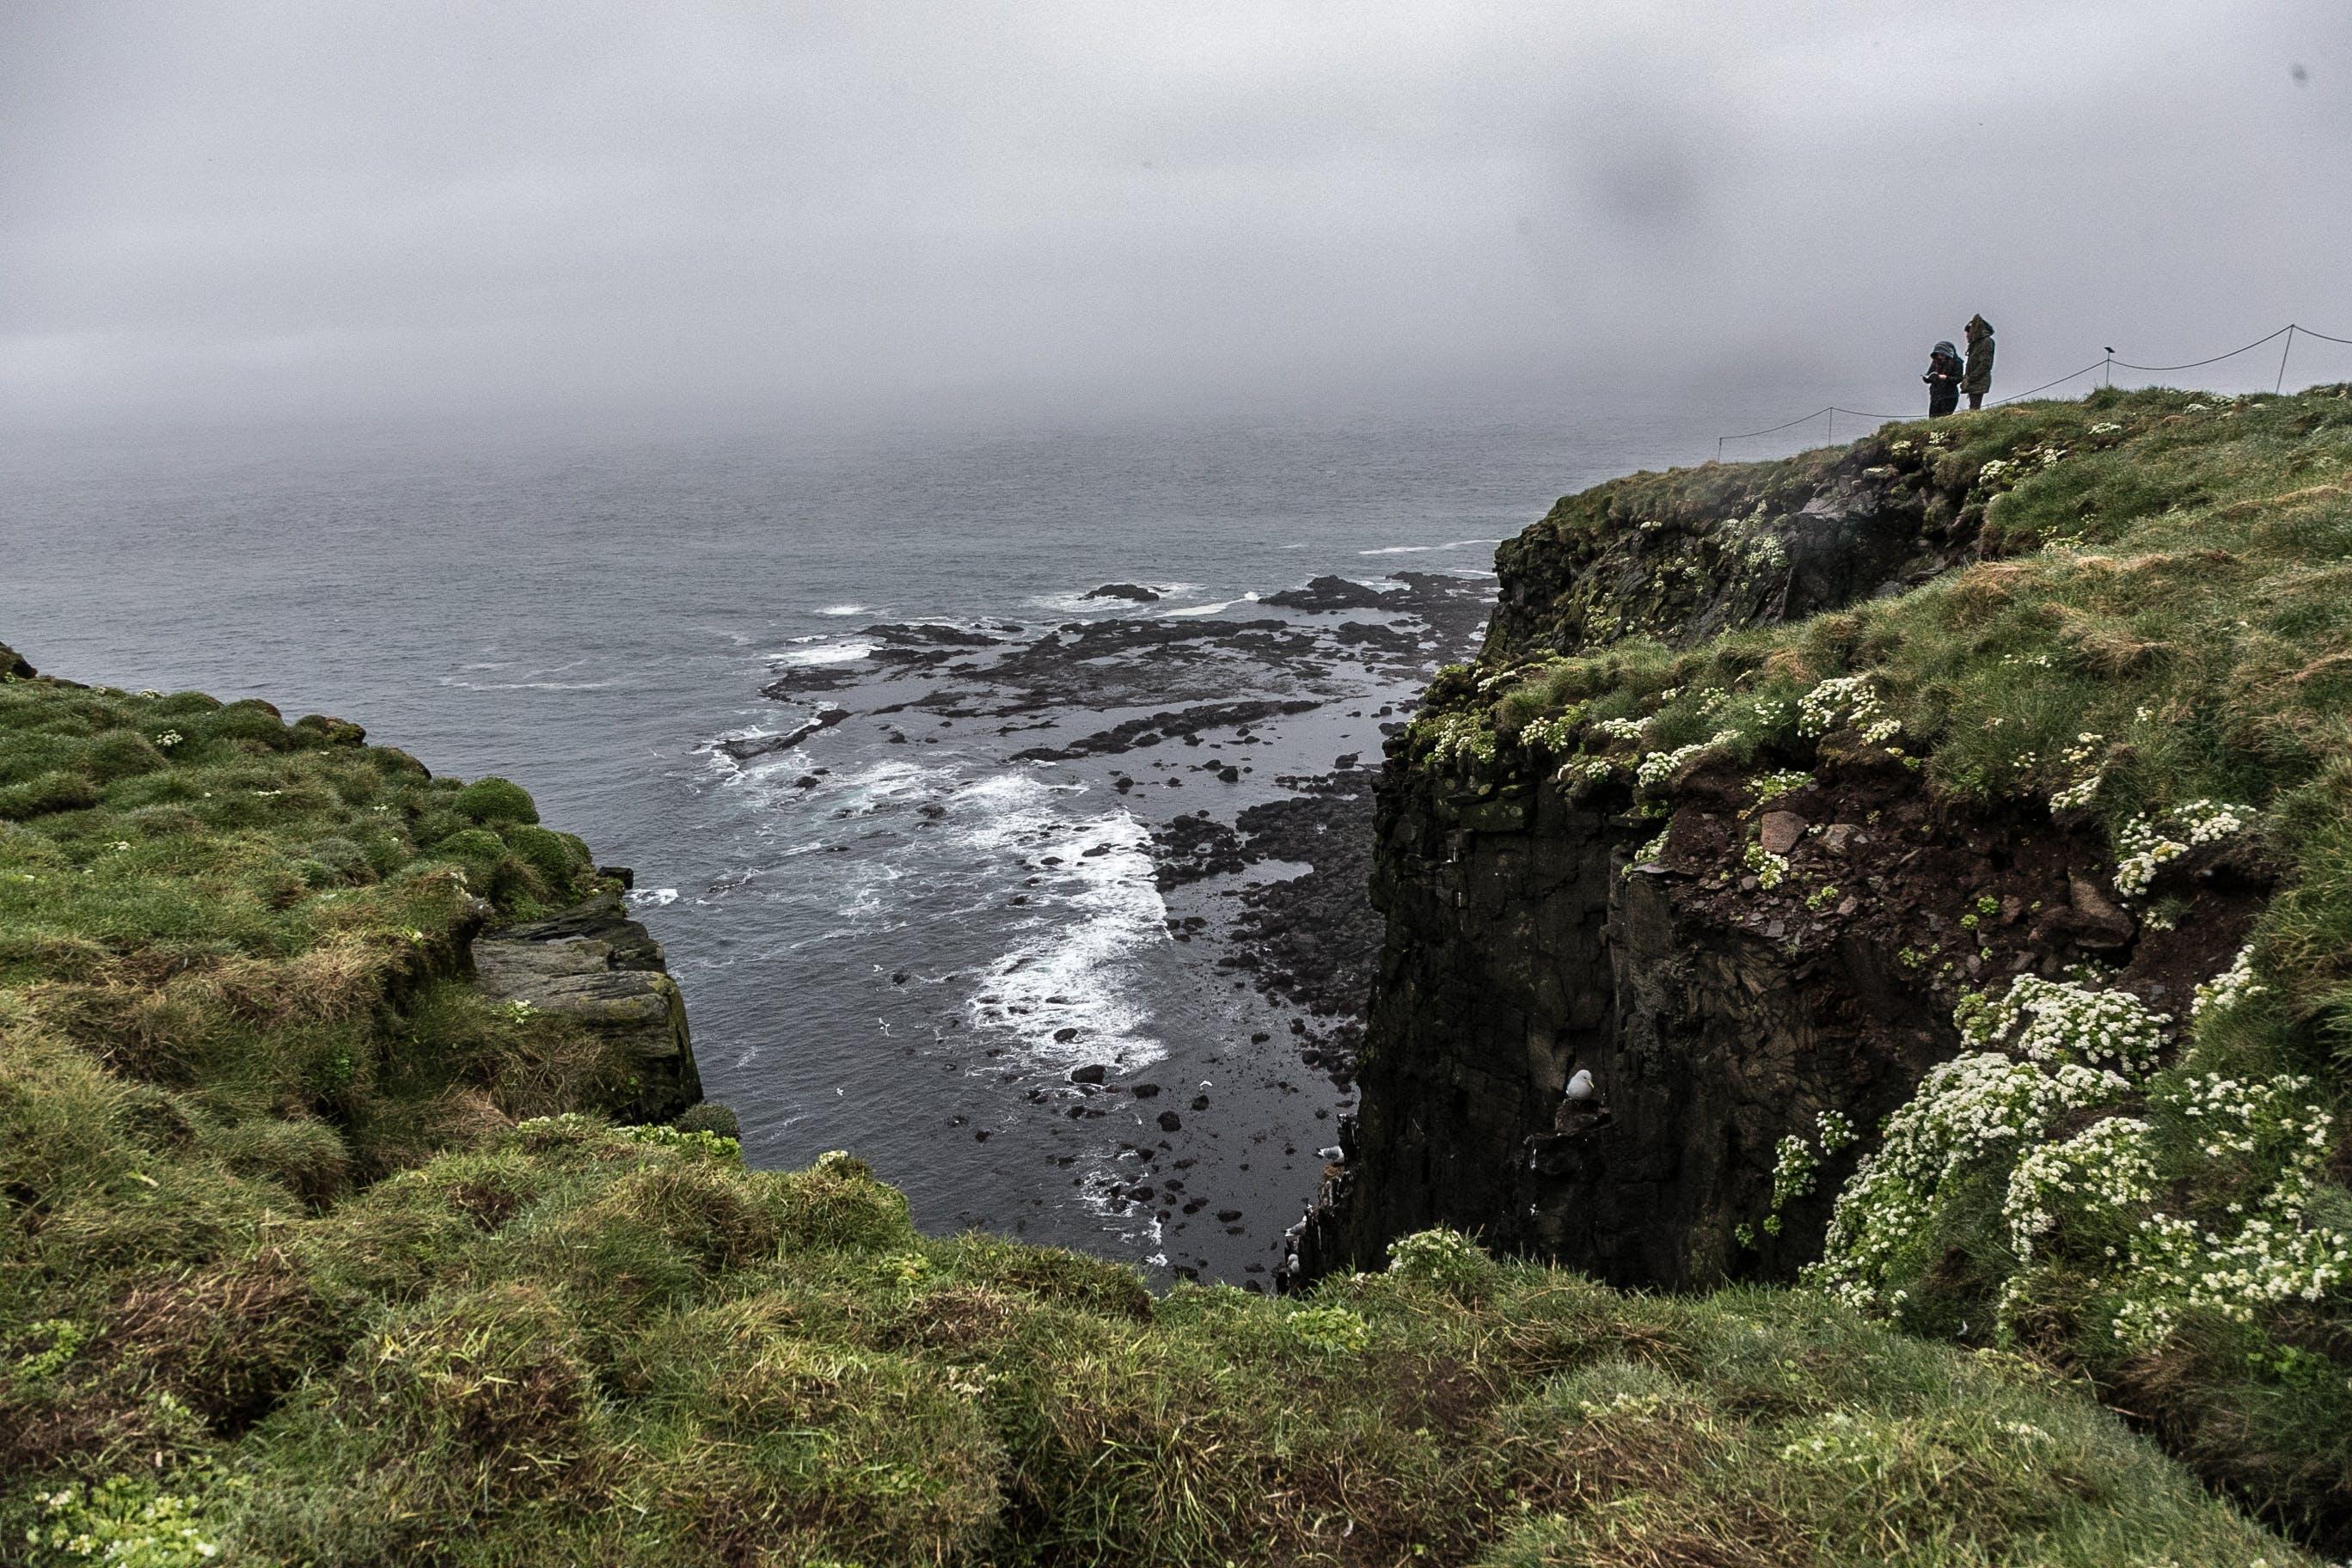 Kostenloses Stock Foto zu berge, felsen, felsenküste, felswand